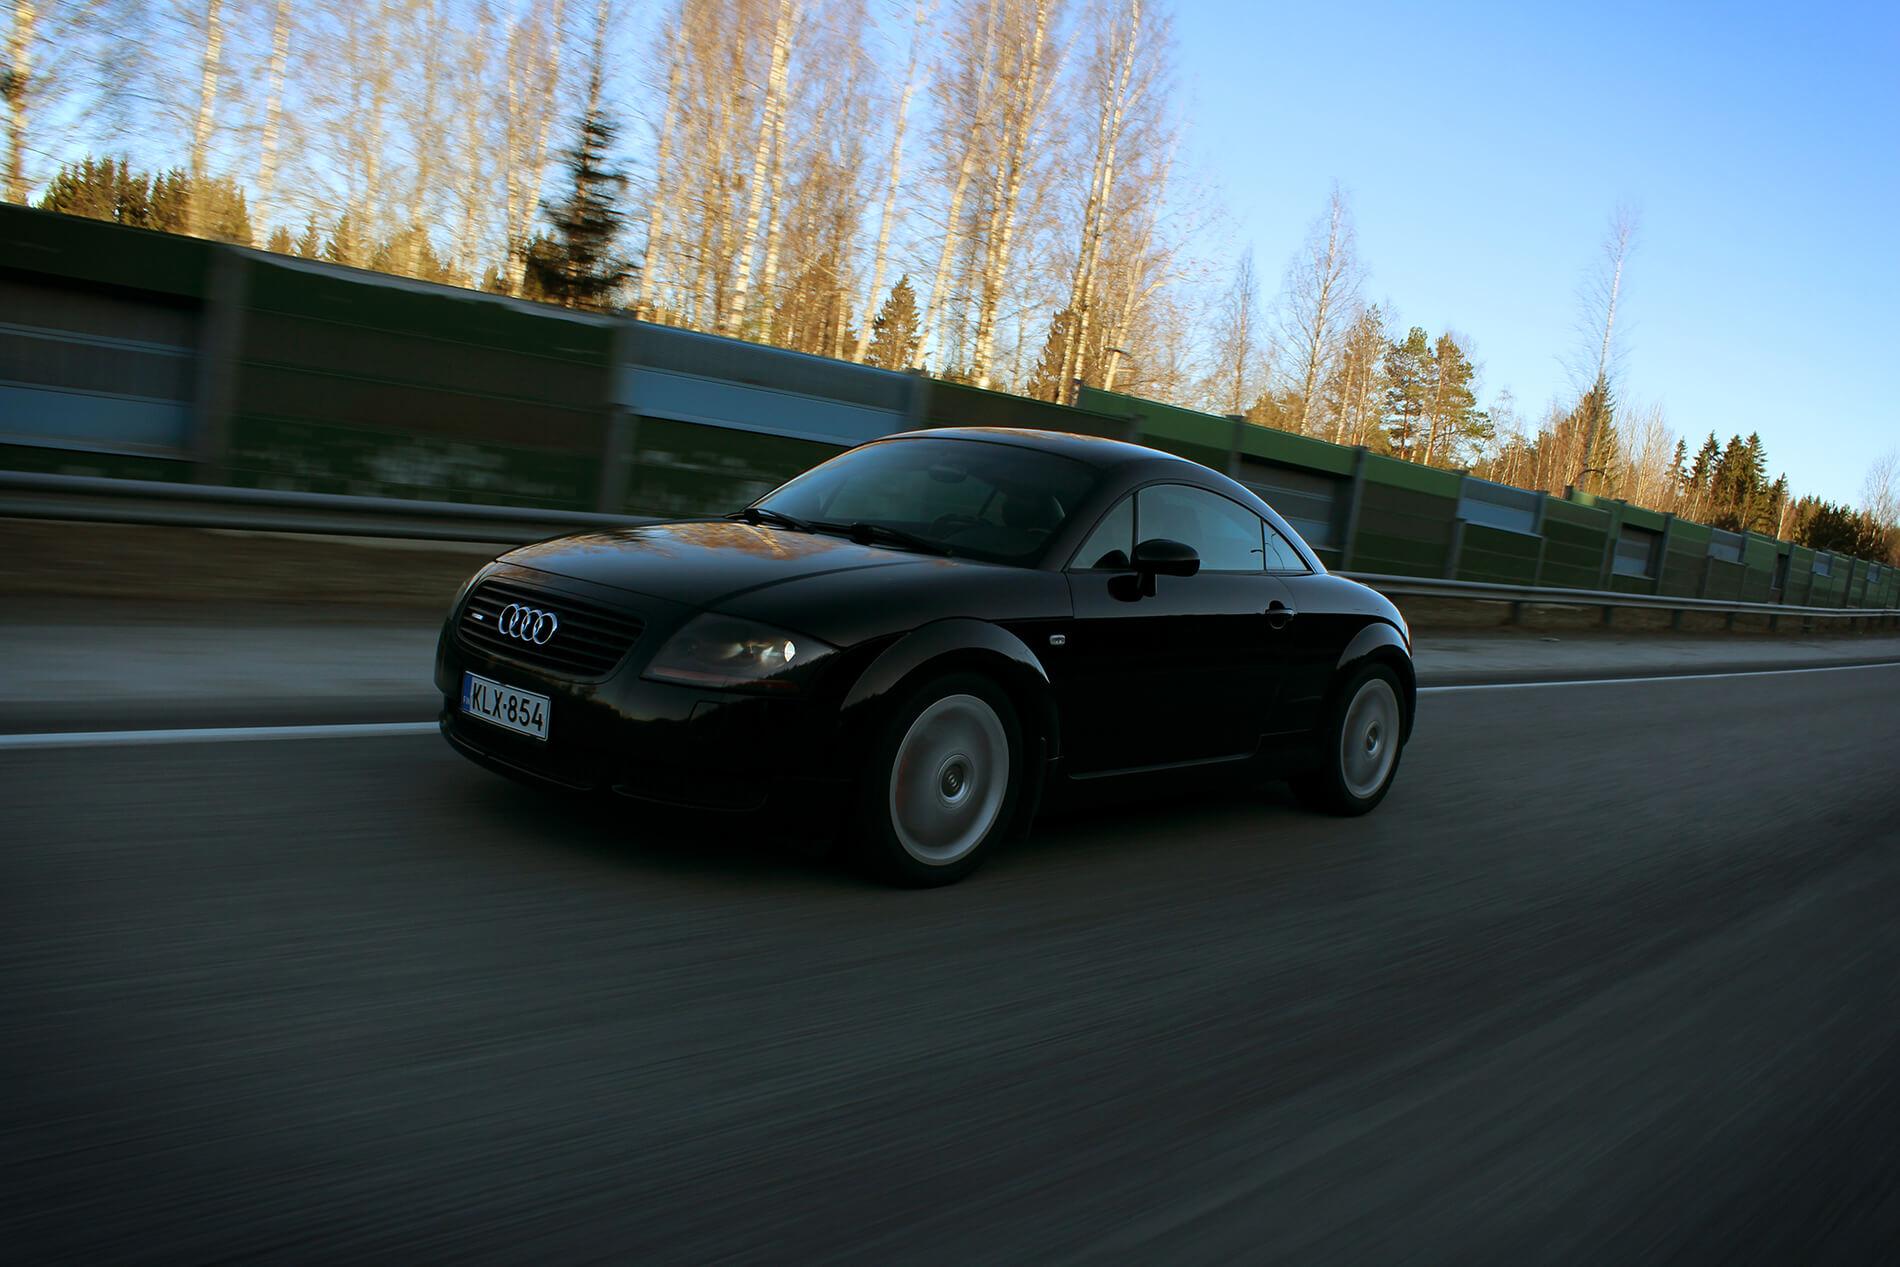 Missä mennään ja mikä on tulevaisuus Suomen liikenteessä?